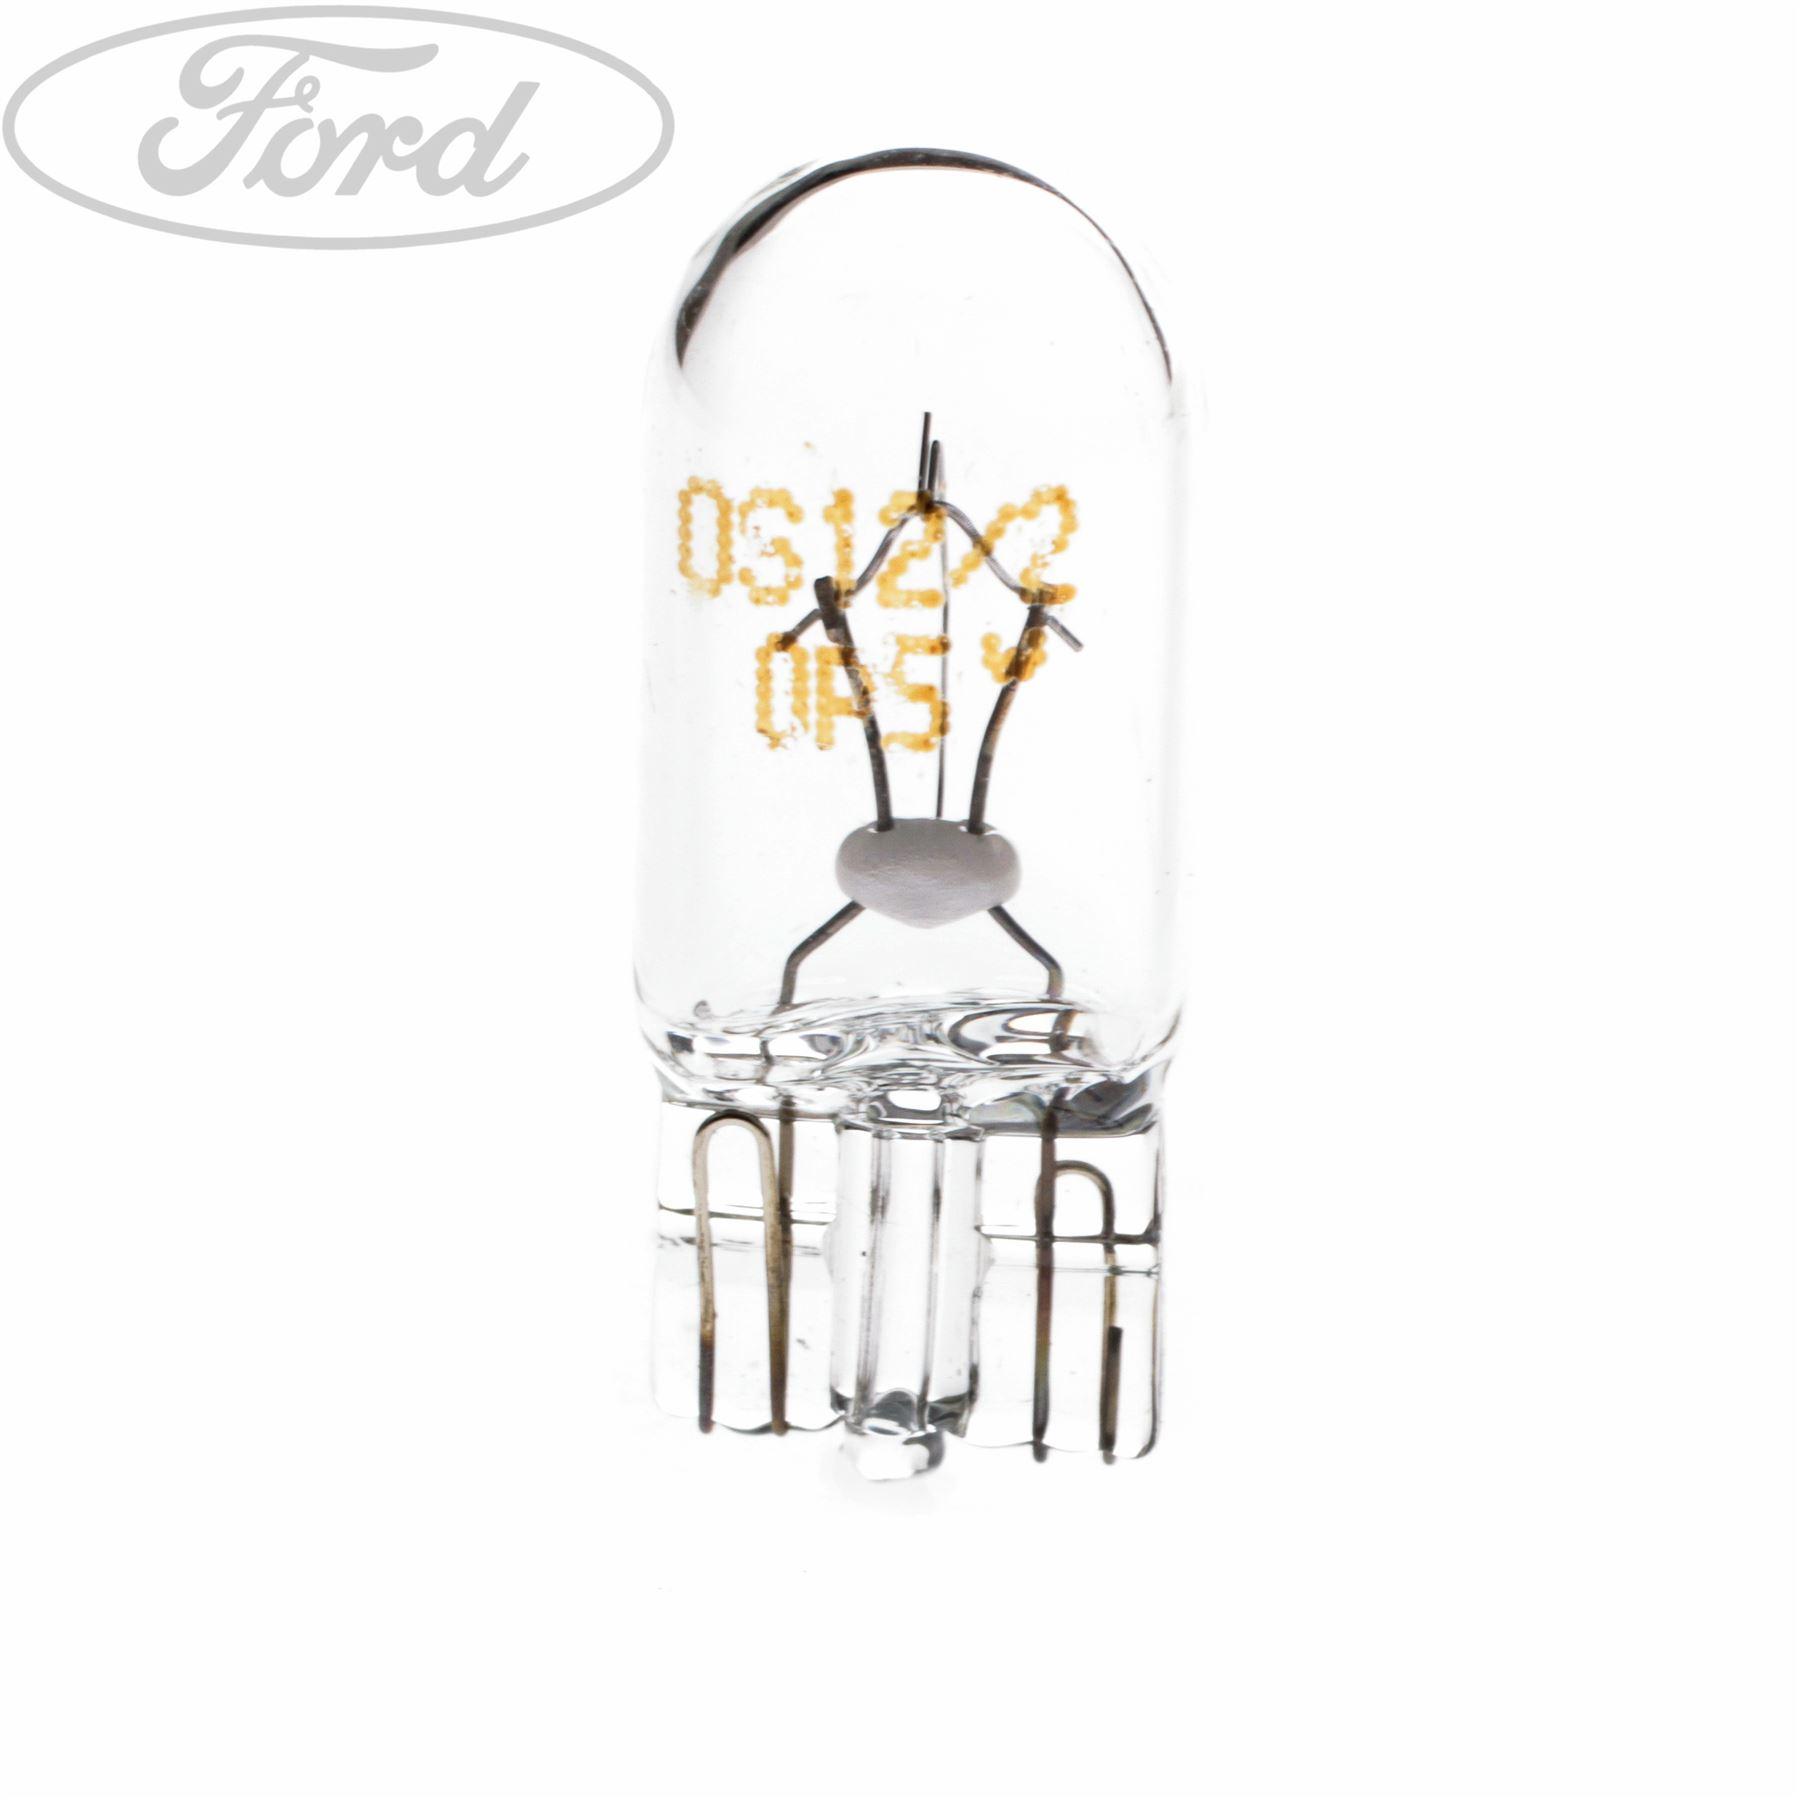 H4 Bulb Plugs